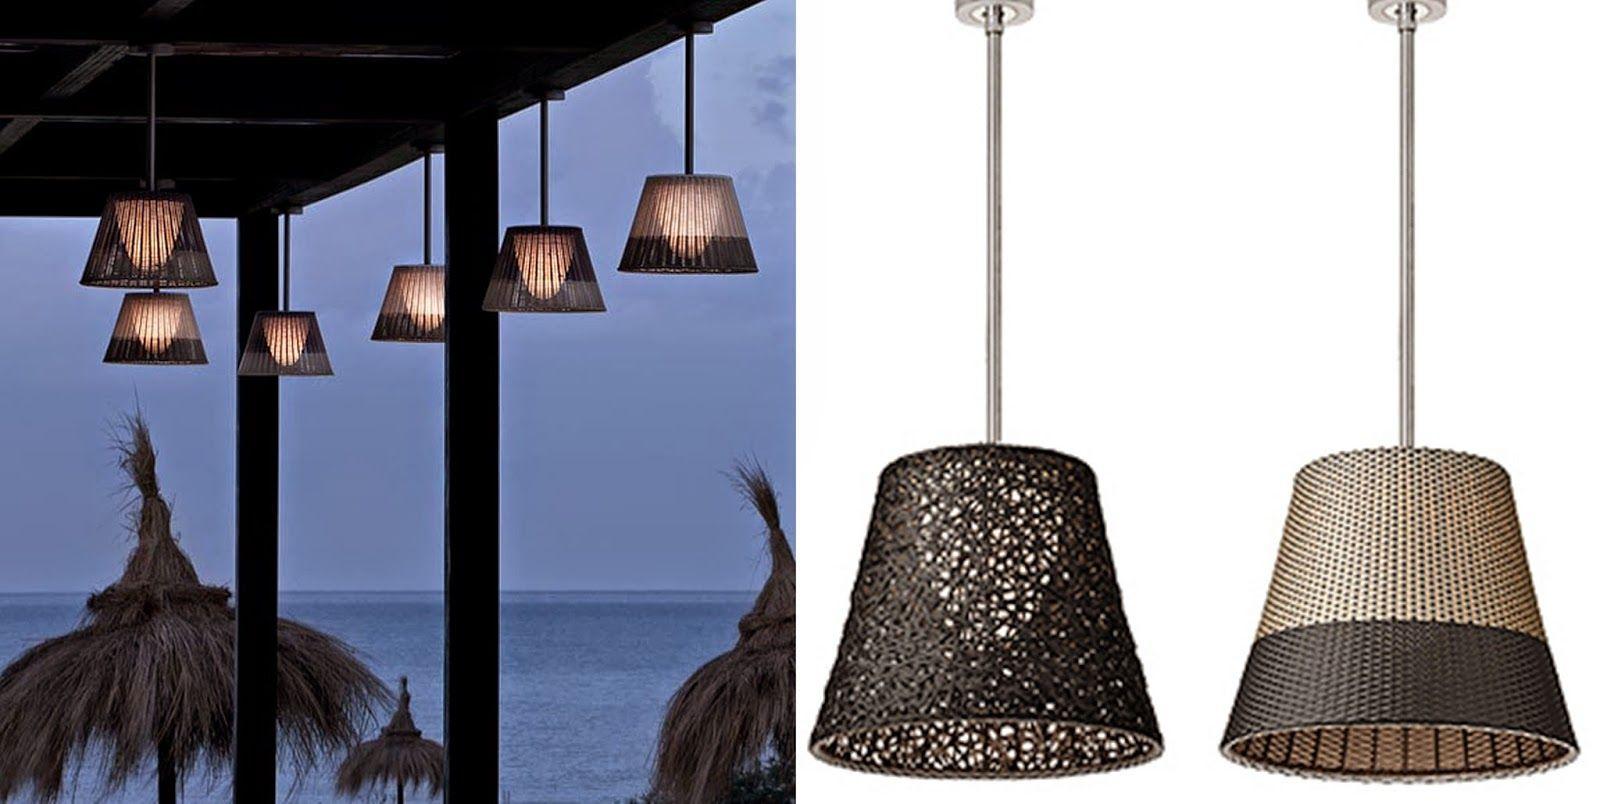 Lampade esterno ikea ikea mobili lavelli illuminazione